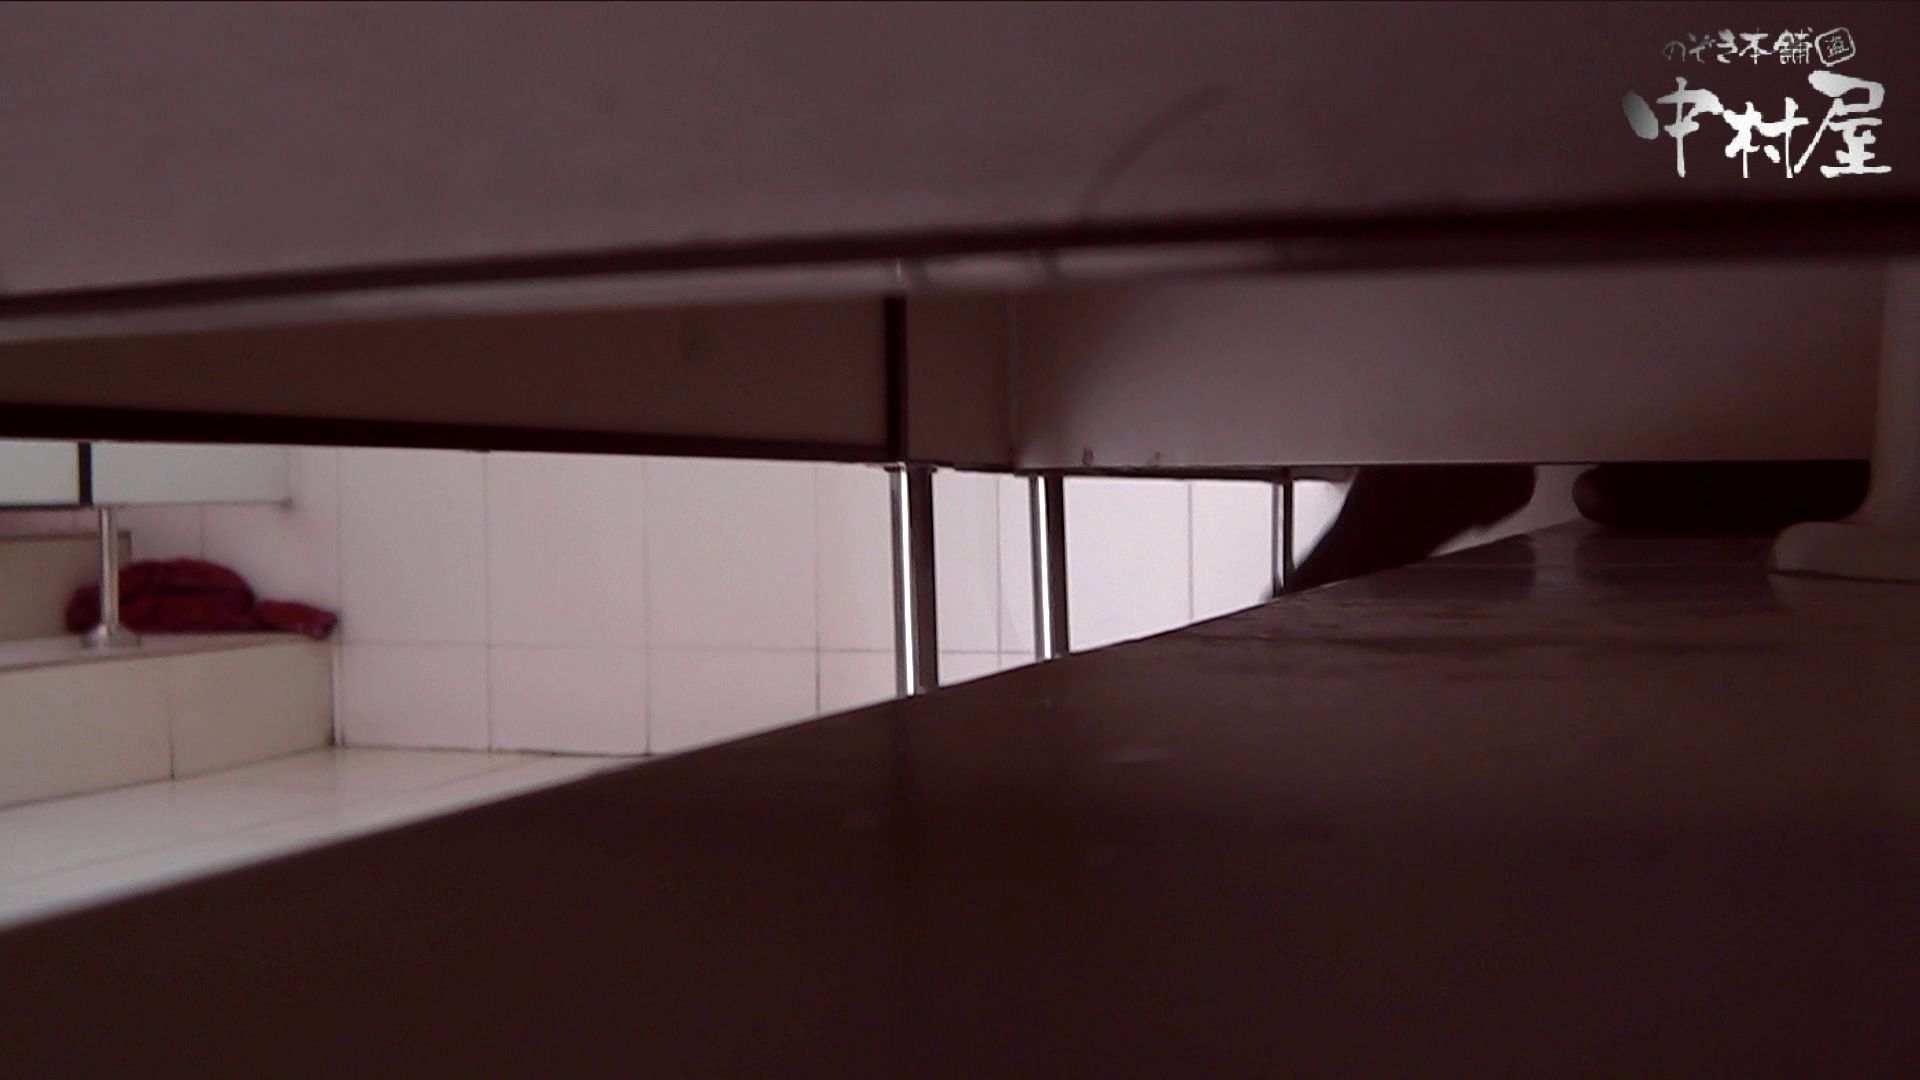 【世界の射窓から】世界の射窓から vol.6 OLのエロ生活 | 洗面所  59連発 9